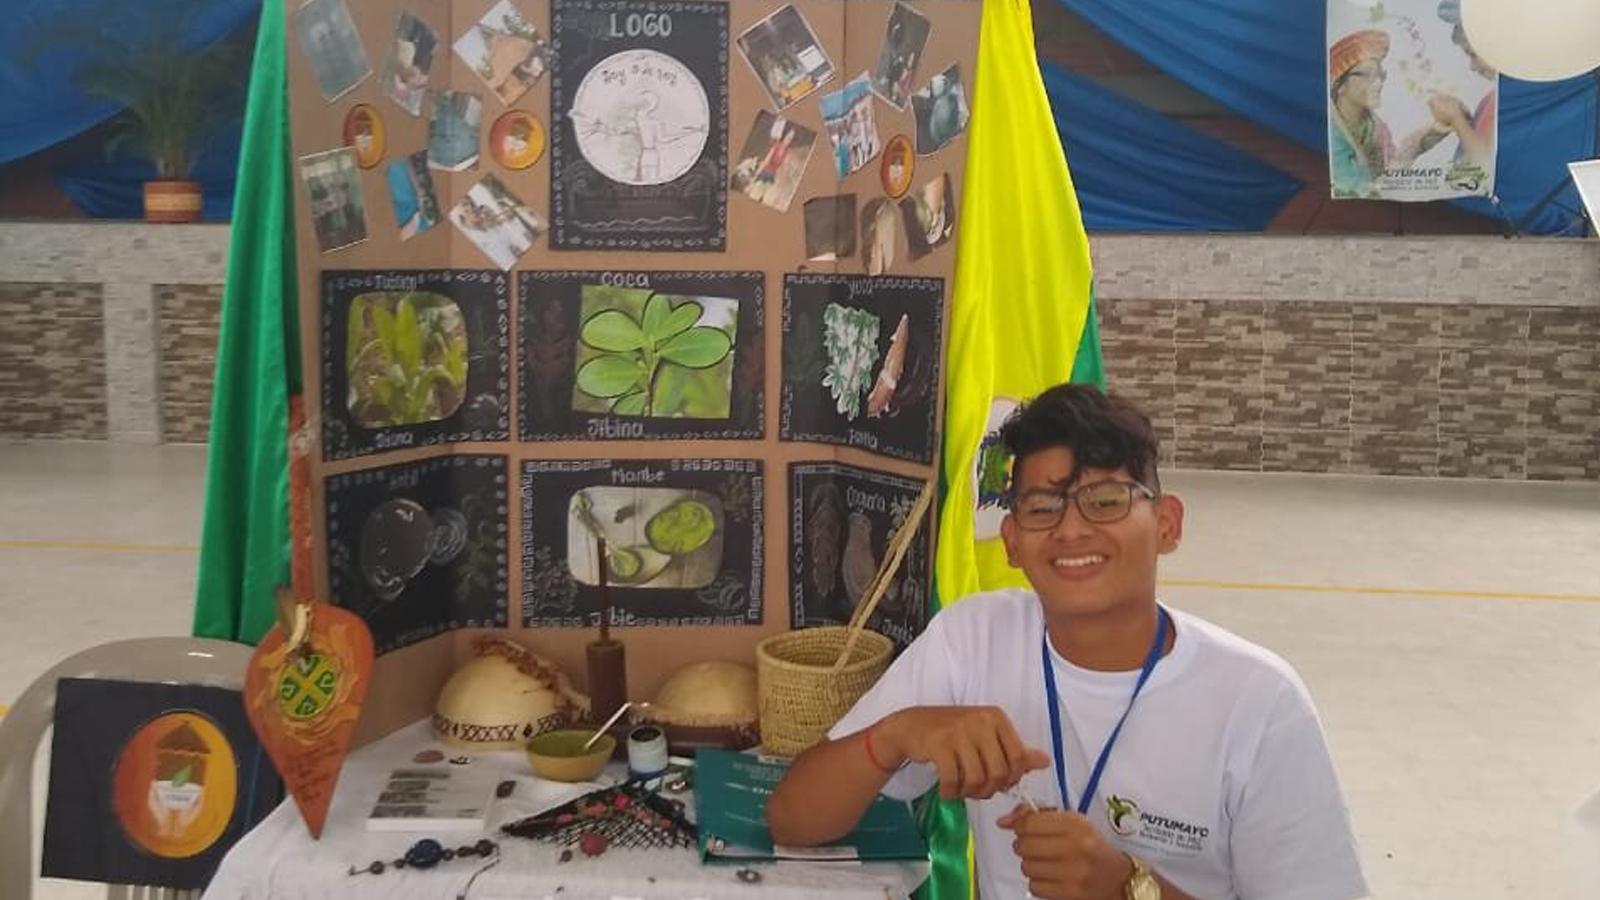 historias/putumayo/yo-amo-la-ciencia-el-cuarto-encuentro-nacional-de-ciencia